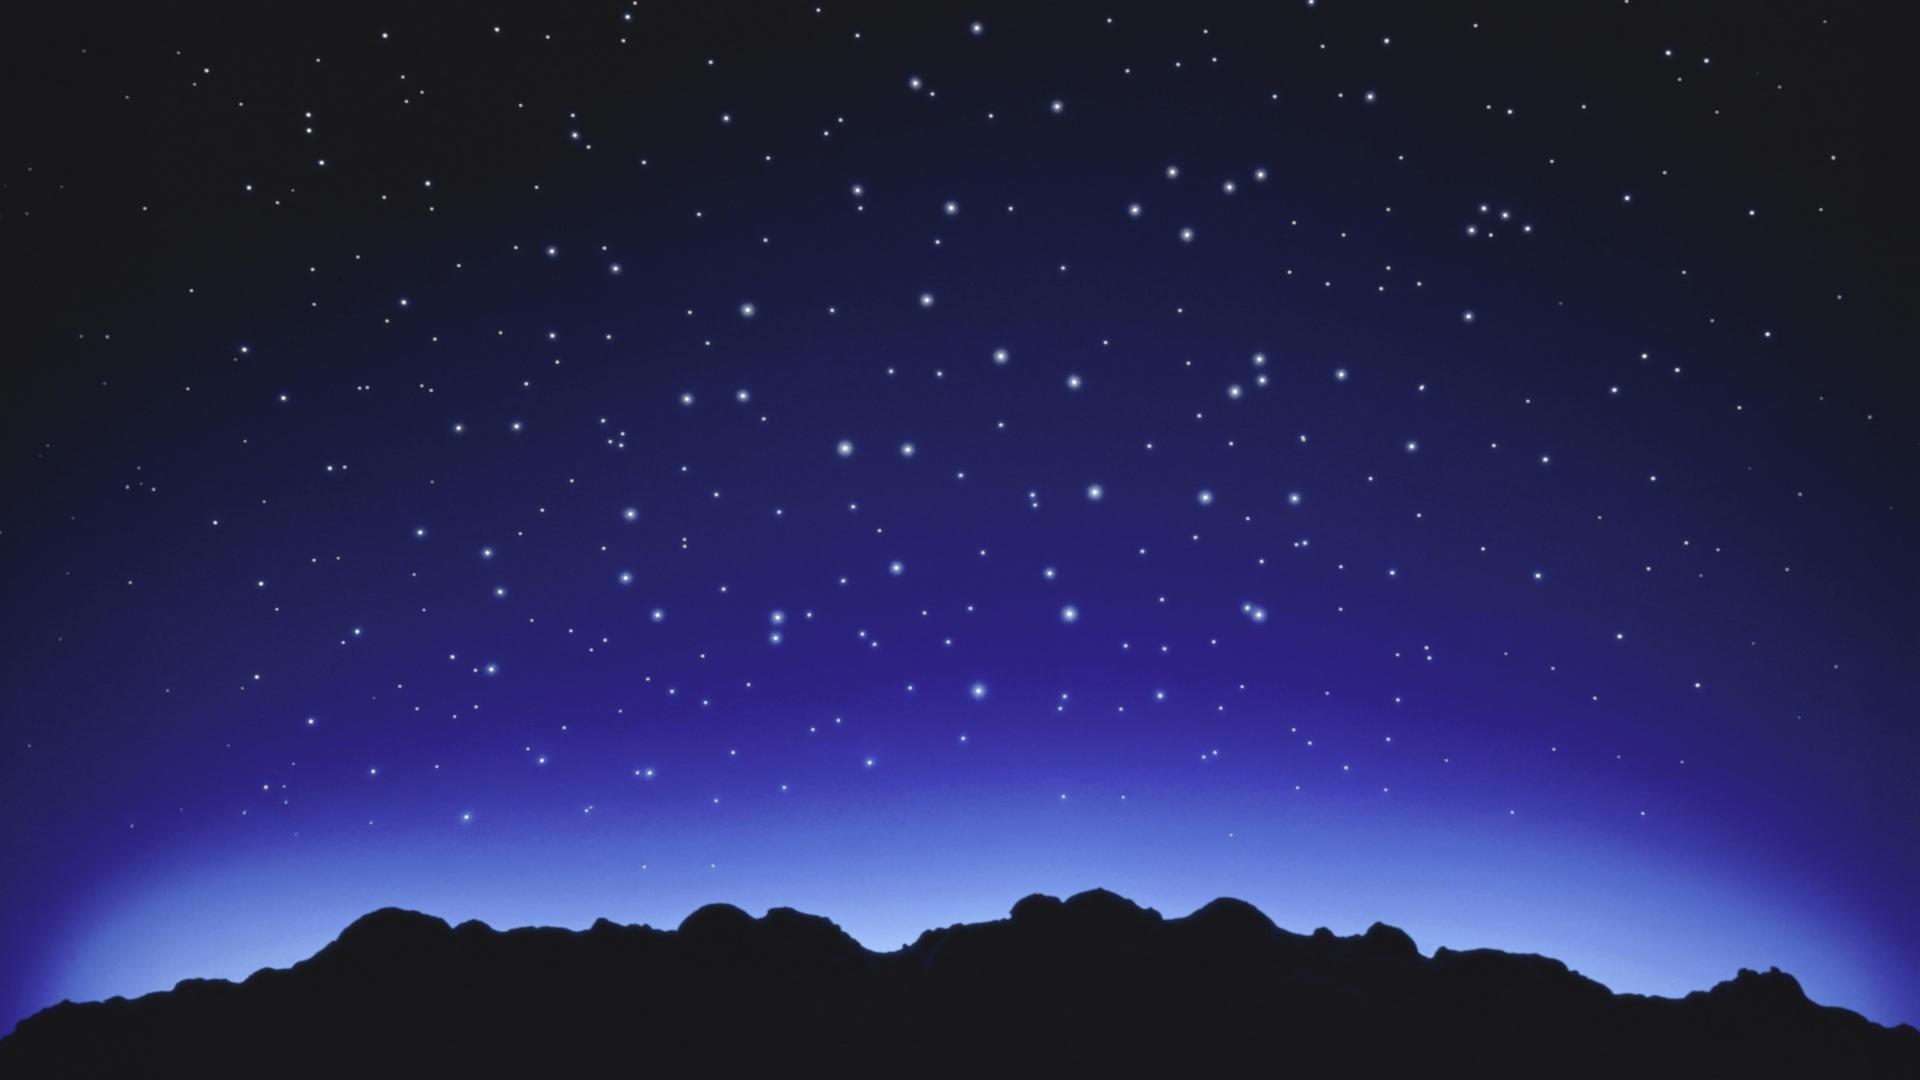 Download Light Stars Wallpaper 1920x1080 Wallpoper 416371 1920x1080